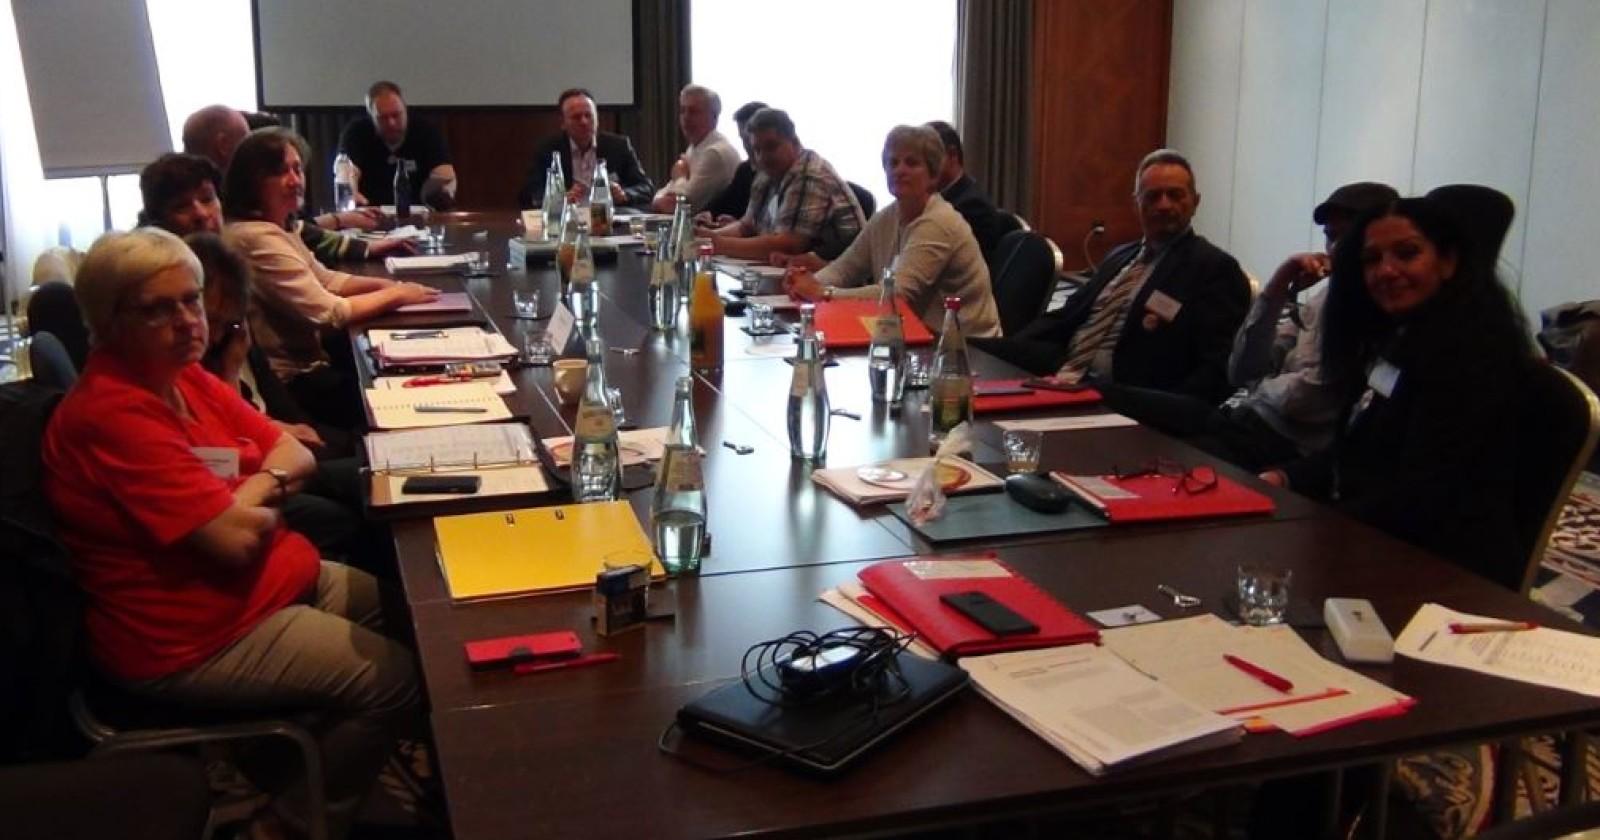 +++ Liveticker Leipzig +++ Verhandlungen unterbrochen - Arbeitgeber beraten unsere Forderungen